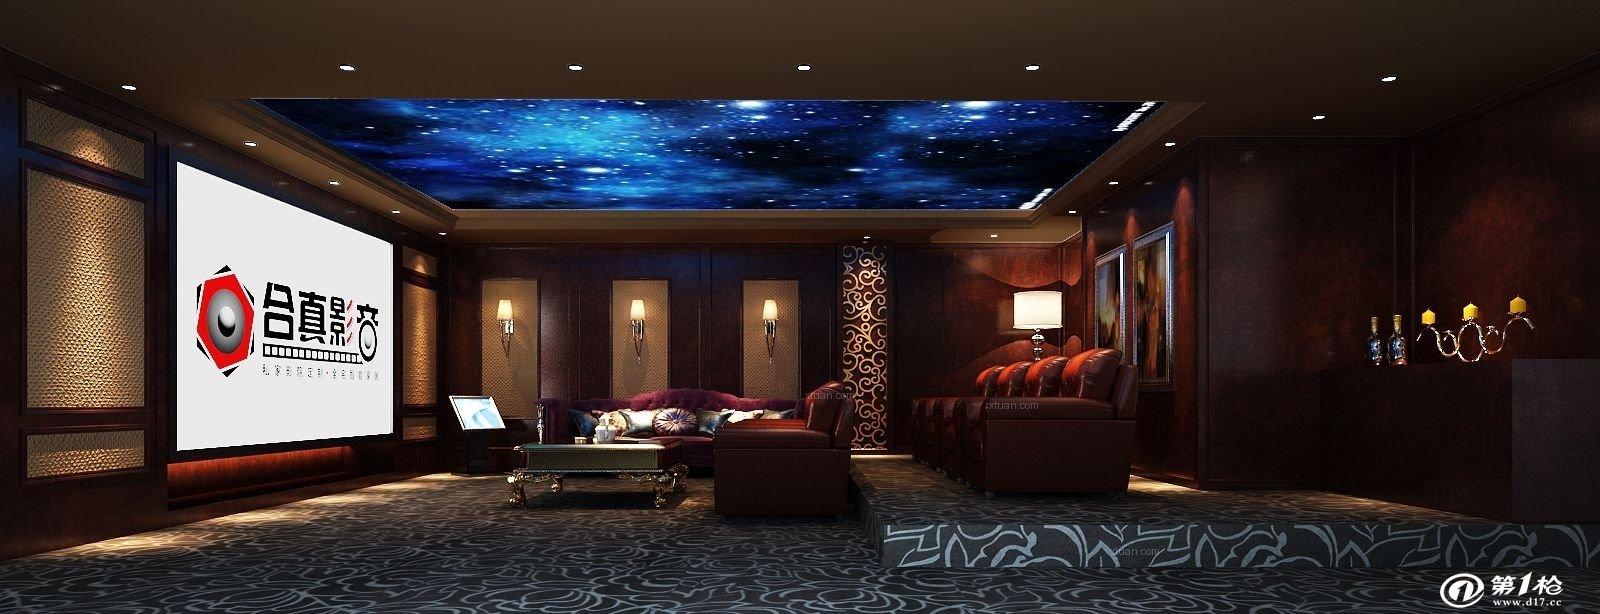 别墅装修中私人影院一般多少钱